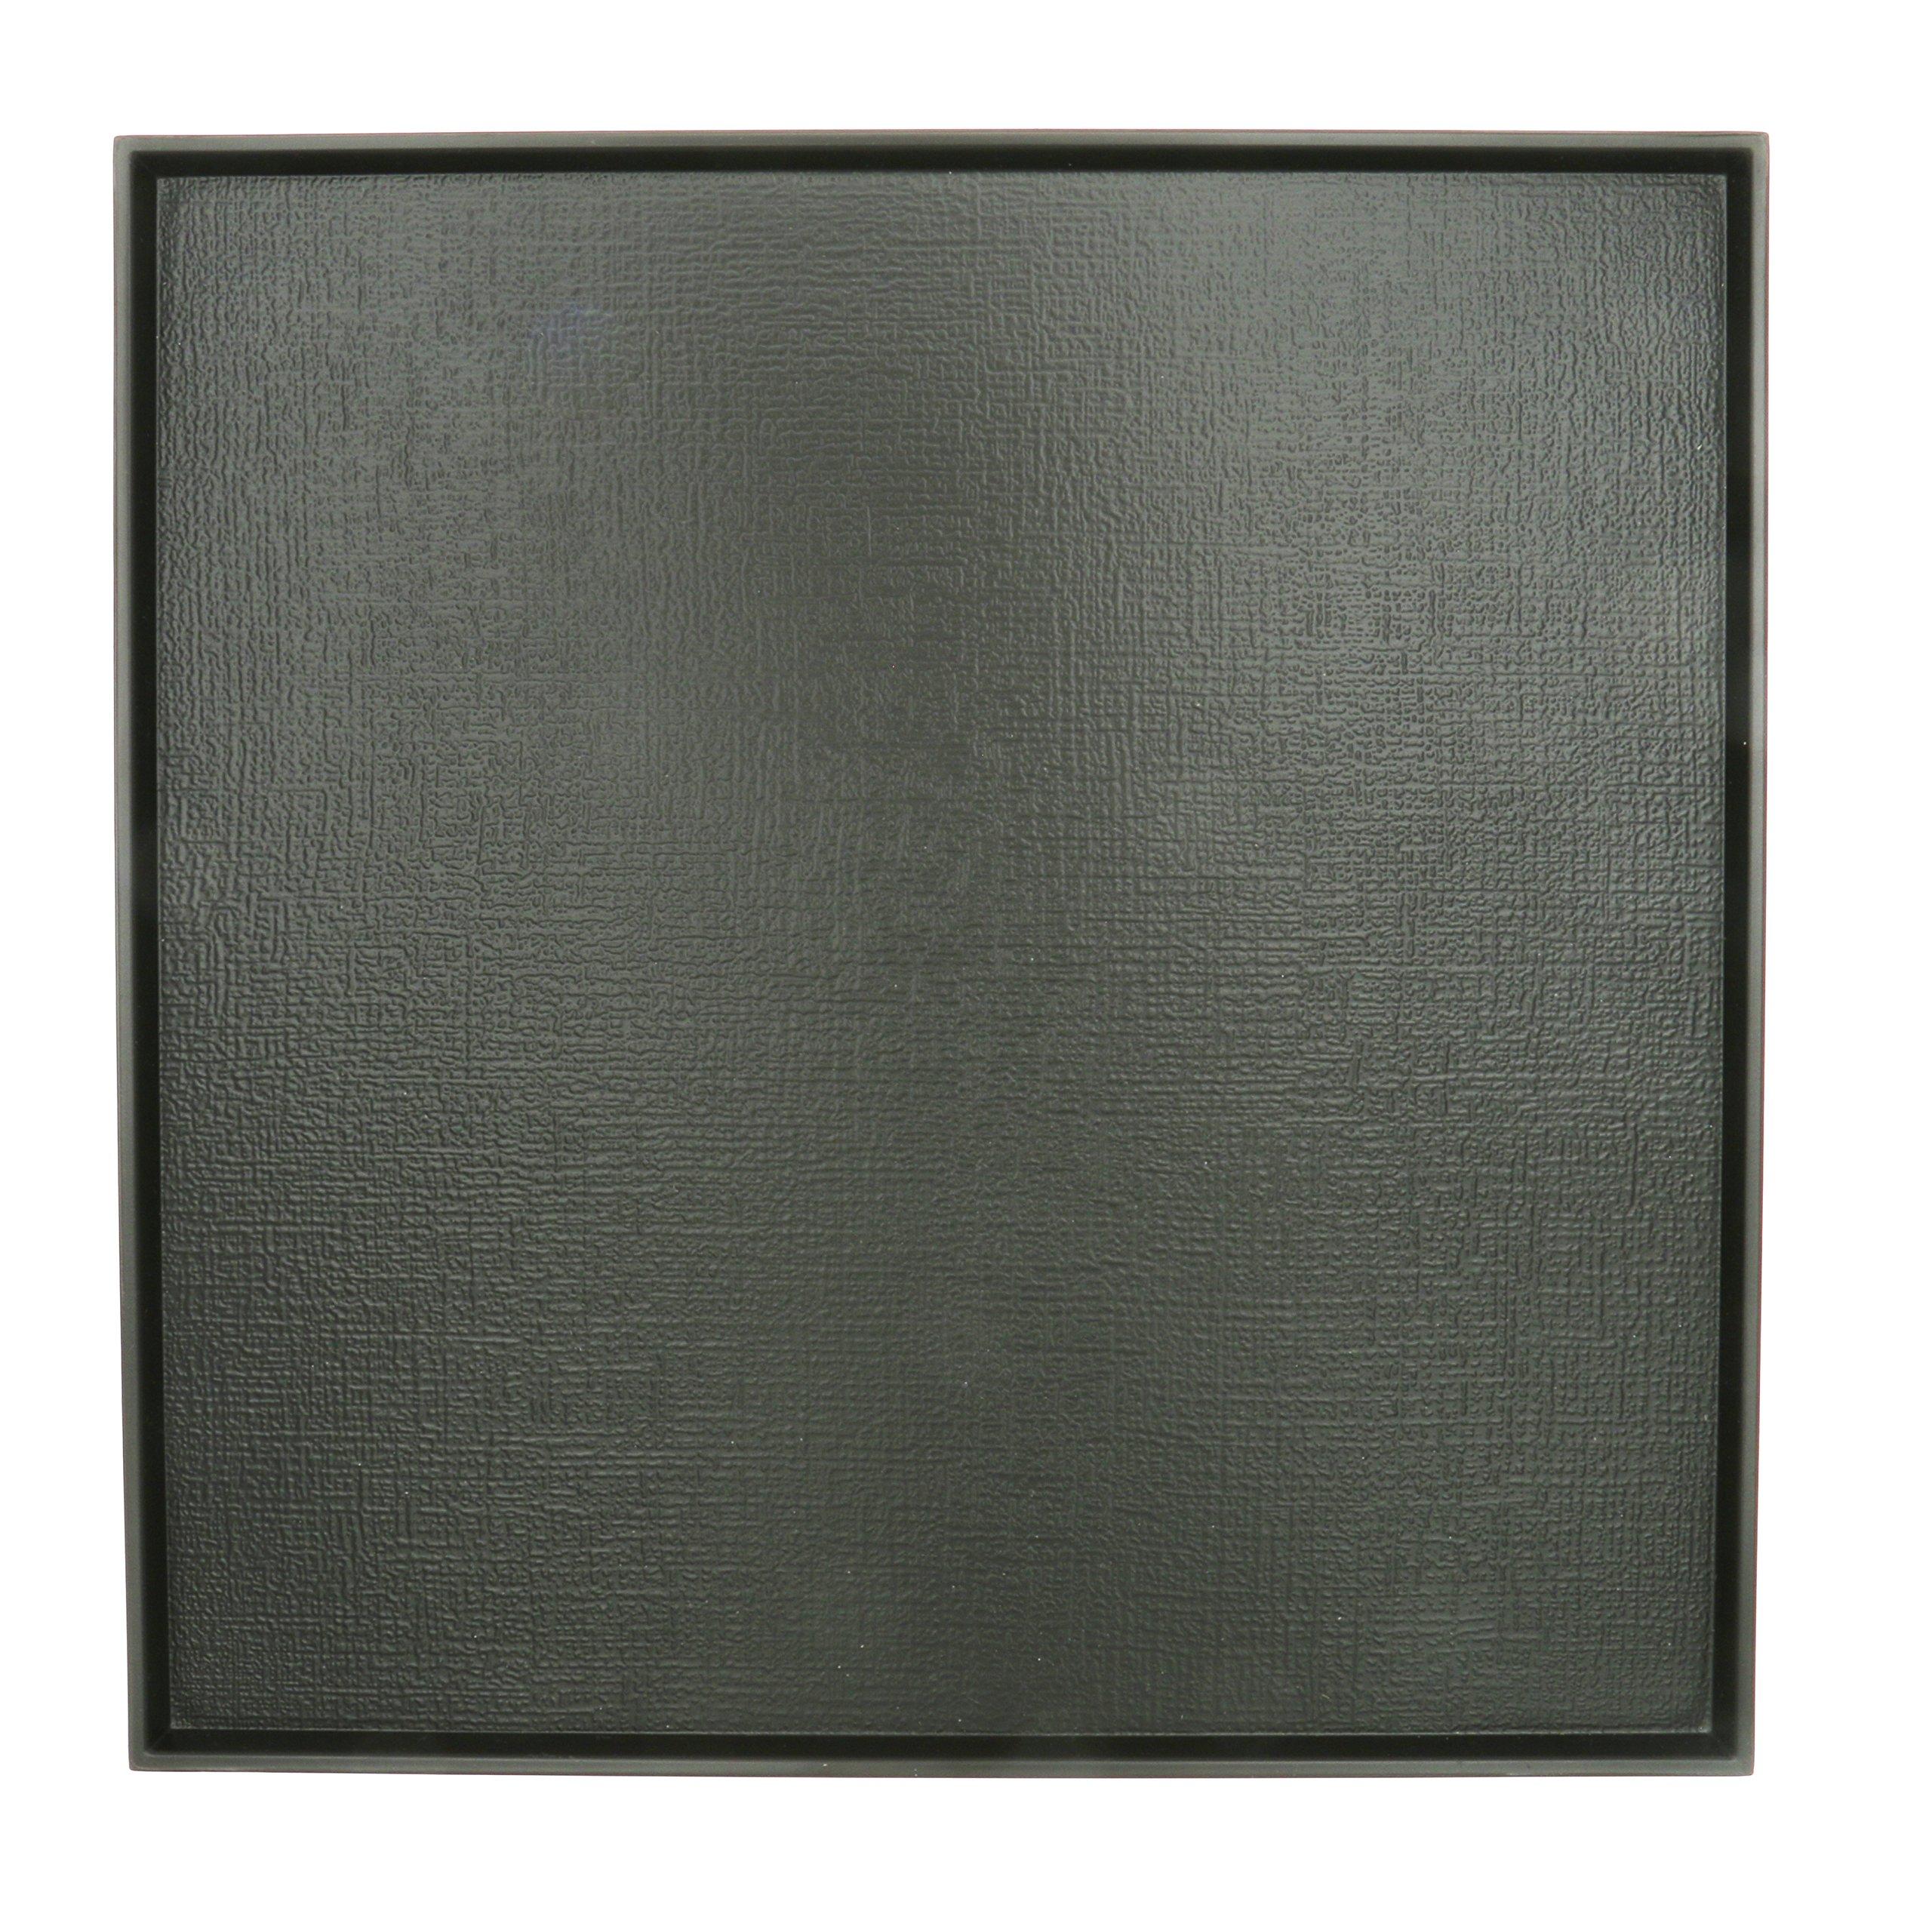 Kotobuki 270-951 Square Textured Non-Slip Serving Tray, 13'', Black